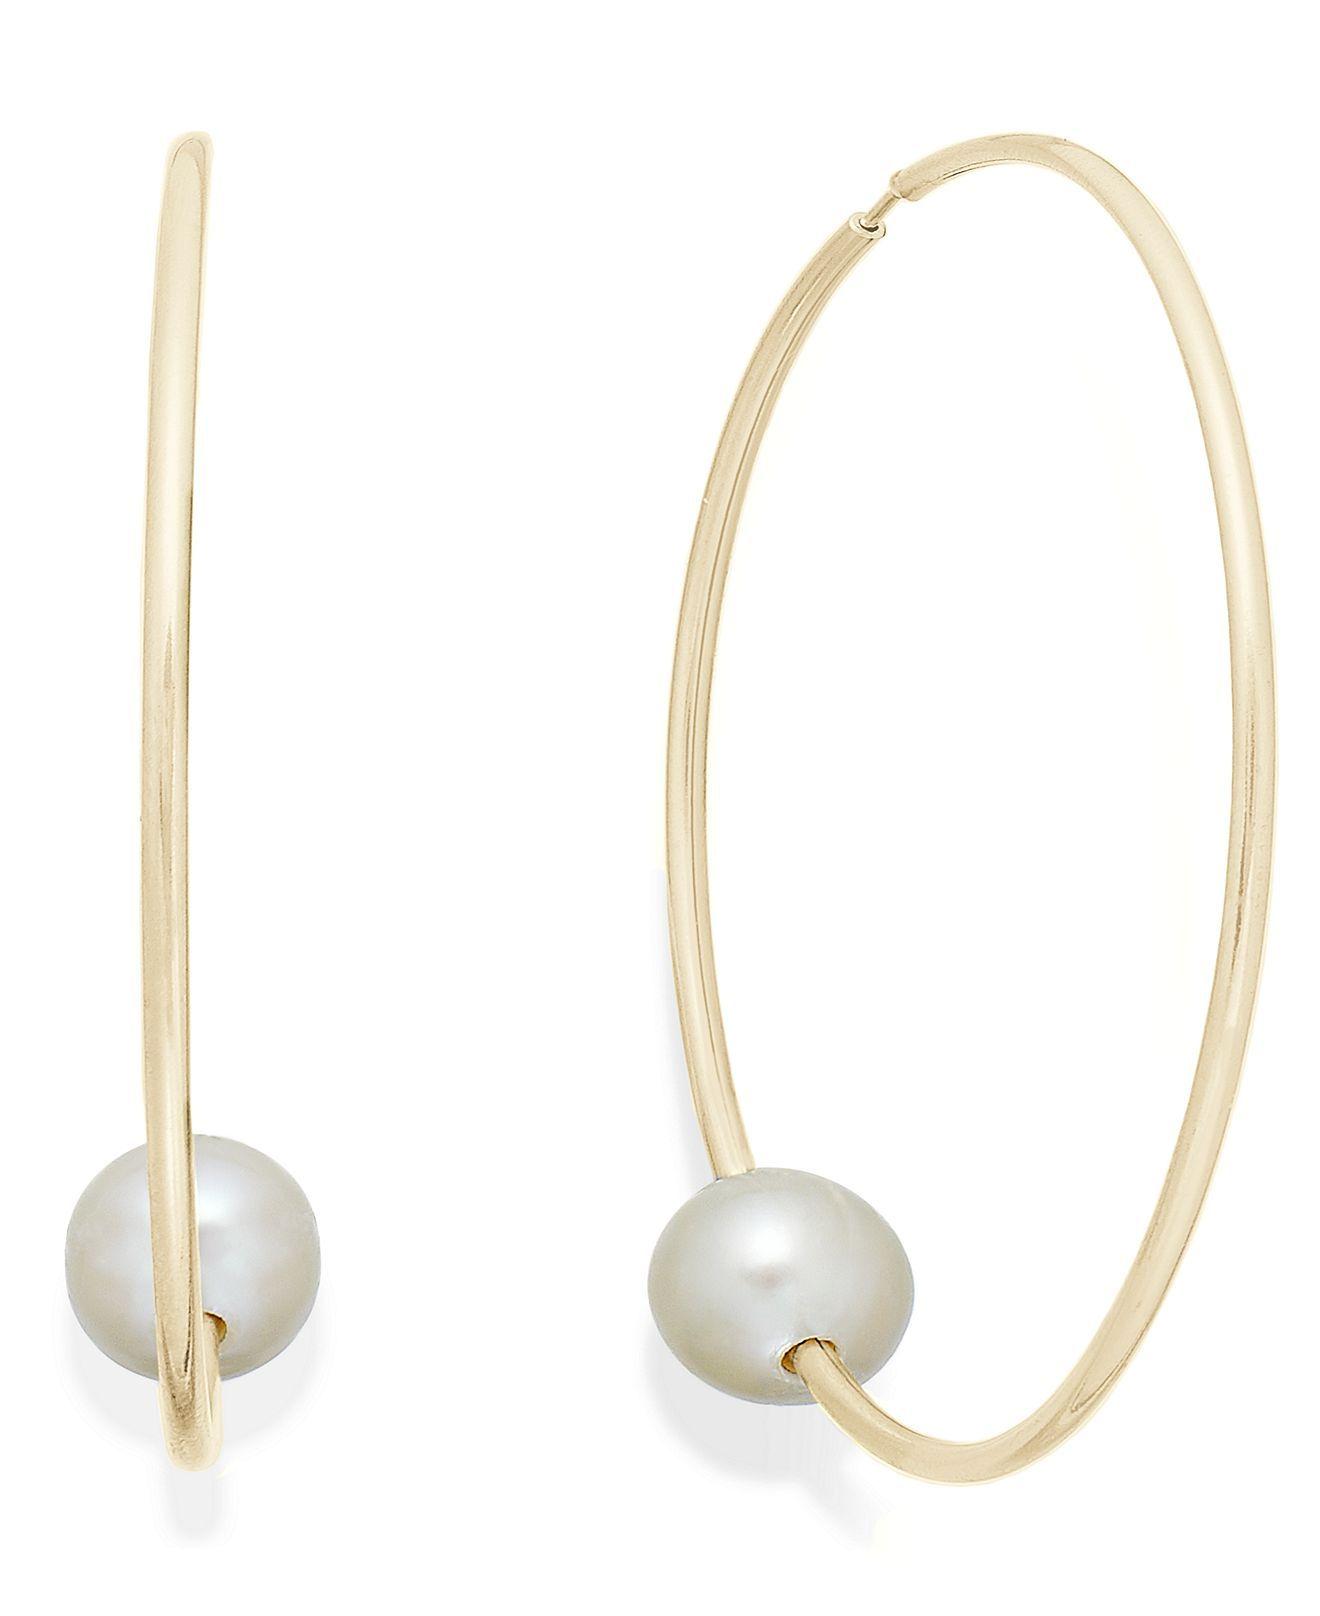 pearl earrings 14k gold cultured freshwater pearl hoop